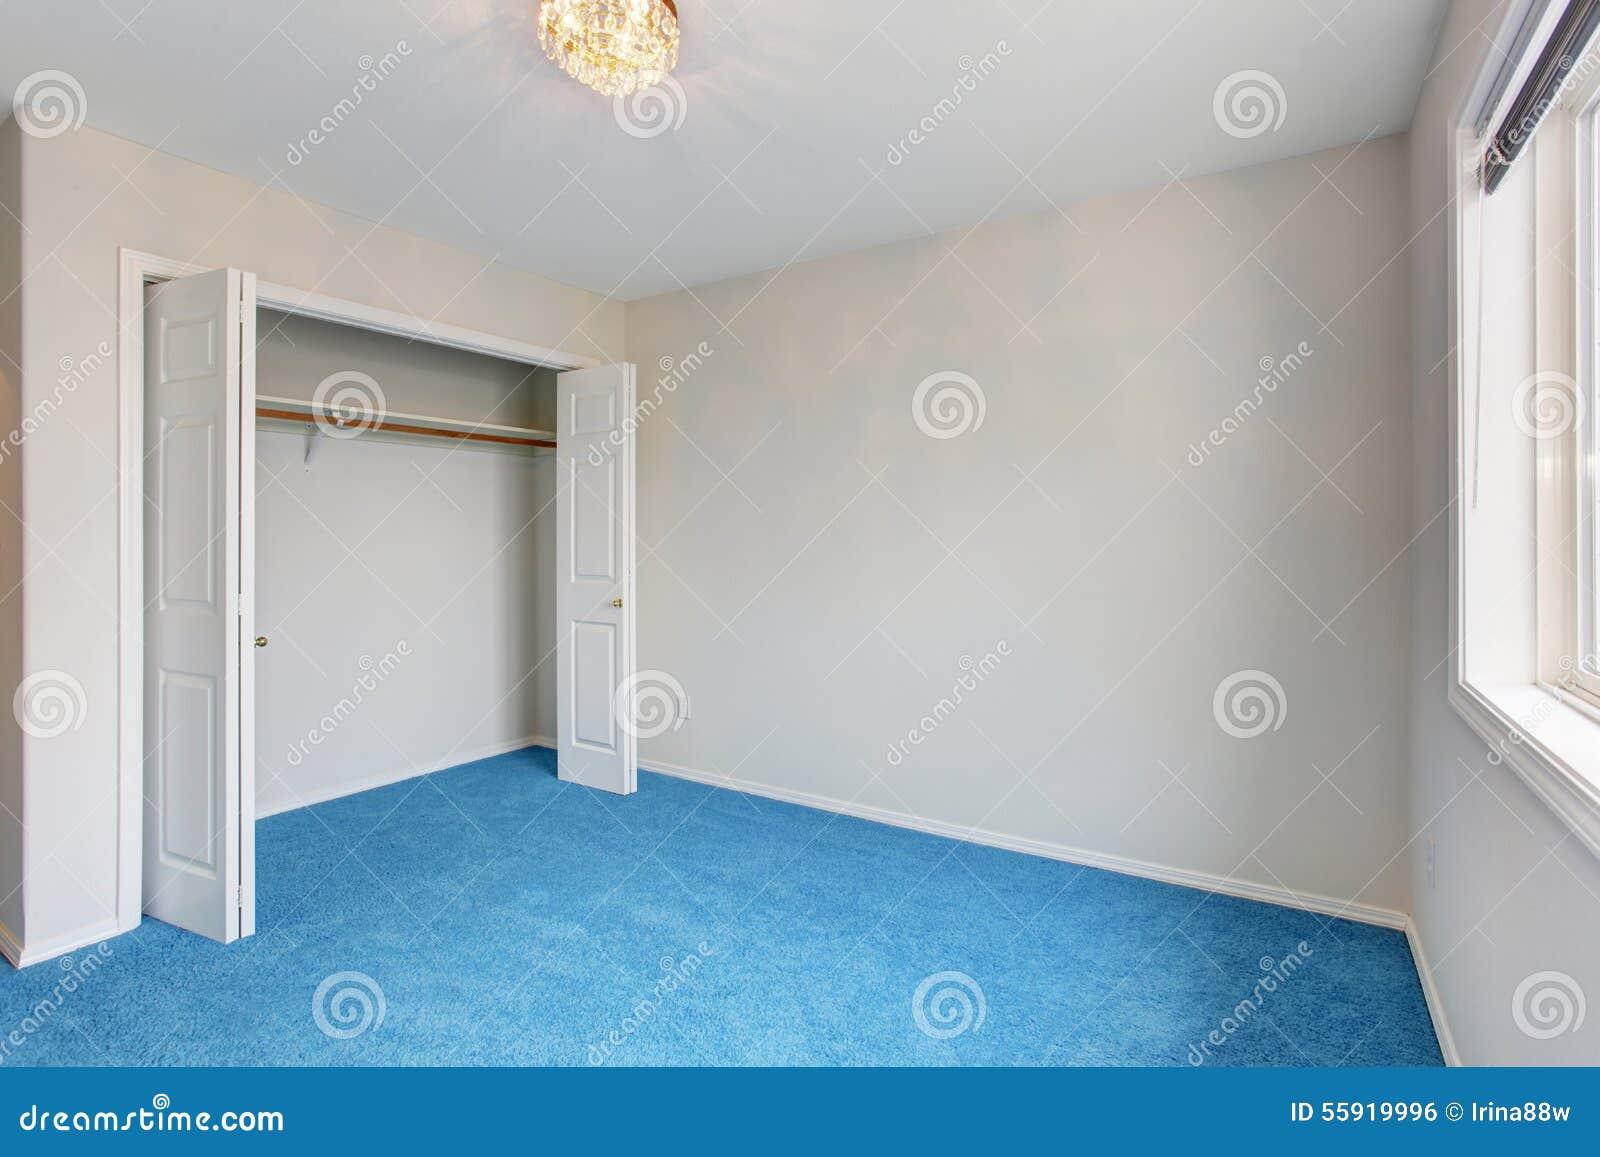 Slaapkamer Met Blauw Tapijt Stock Foto - Afbeelding: 57884627